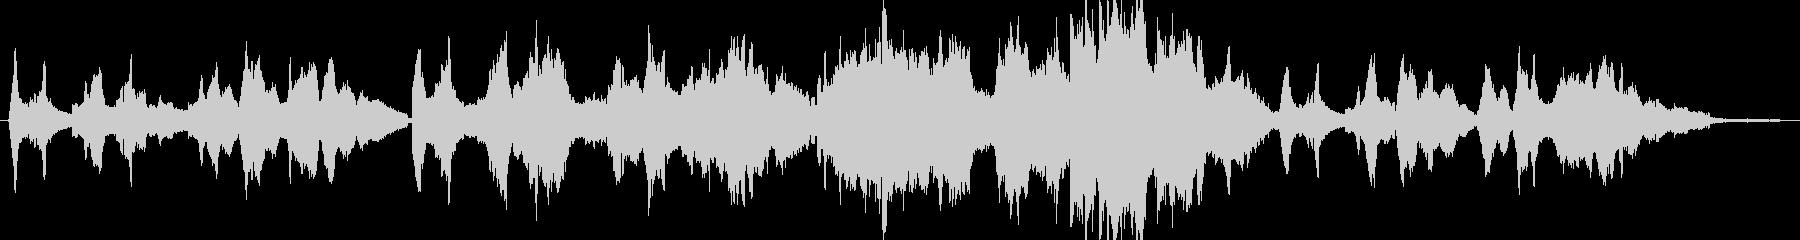 ソロバイオリンメロディーの美しいピ...の未再生の波形